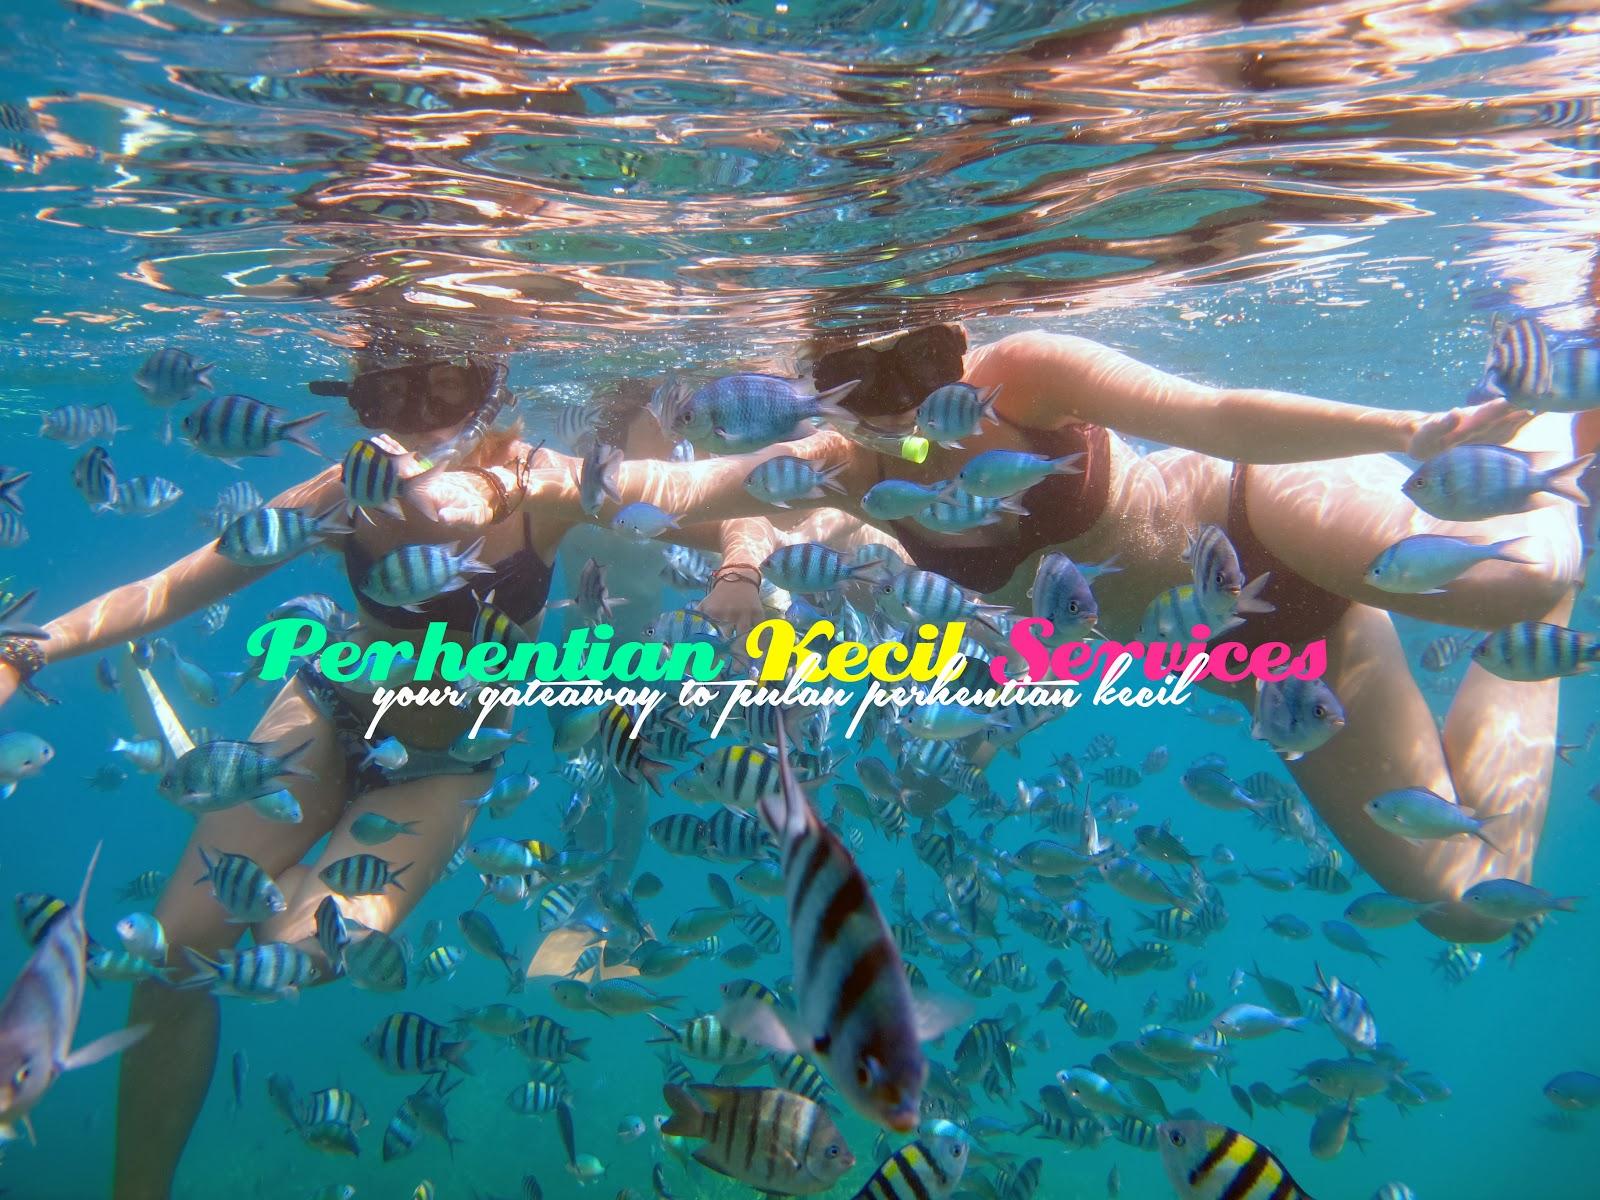 pakej snorkeling pulau perhentian, pakej murah percutian perhentian, pakej percutian berkumpulan perhentian, pakej snorkeling murah perhentian, snorkeling terbaik pulau perhentian, perhentian kecil services